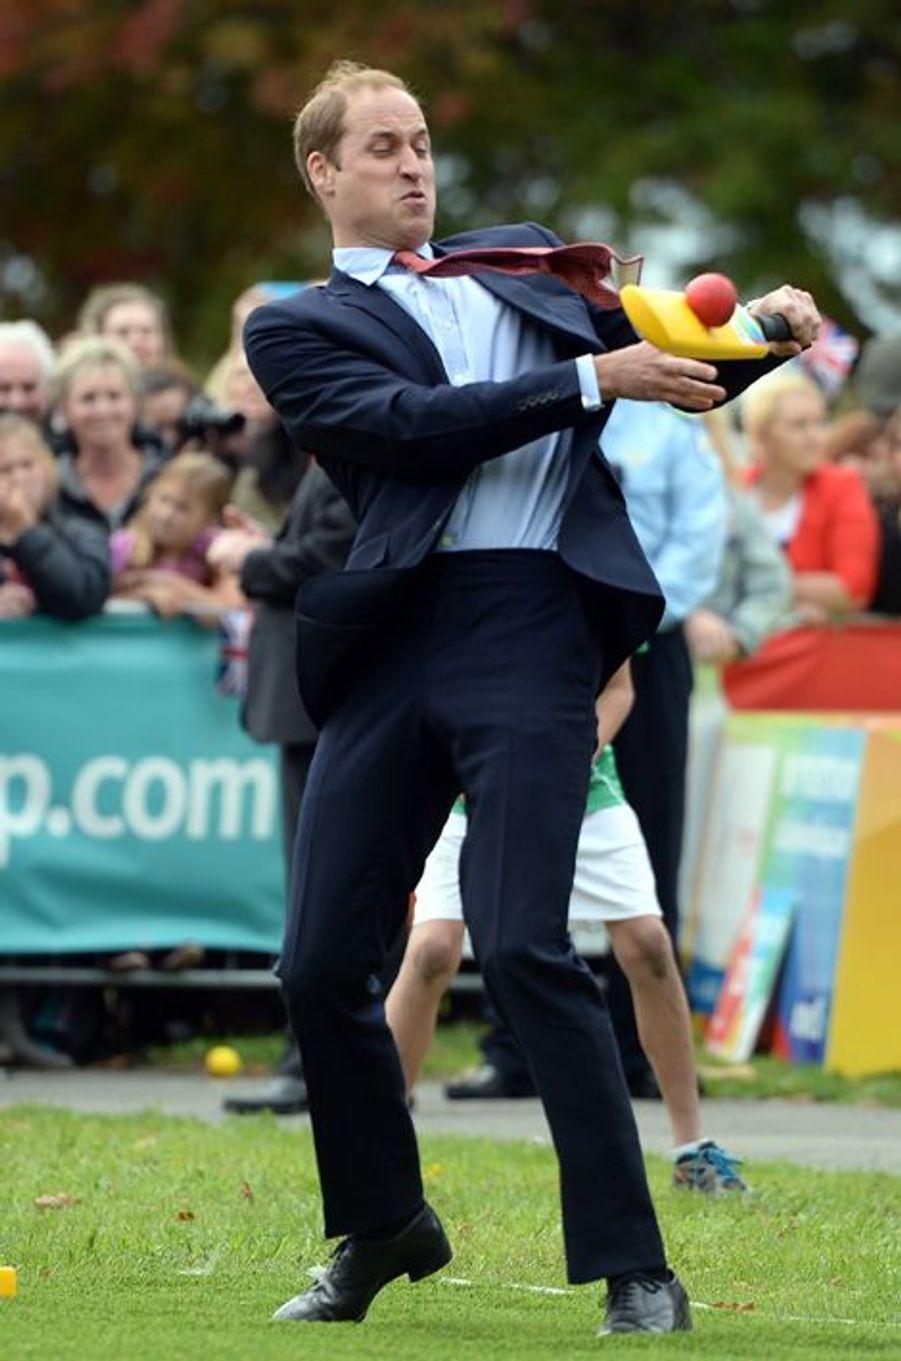 Cricket party pour le prince William à Christchurch en Nouvelle-Zélande, le 14 avril 2014